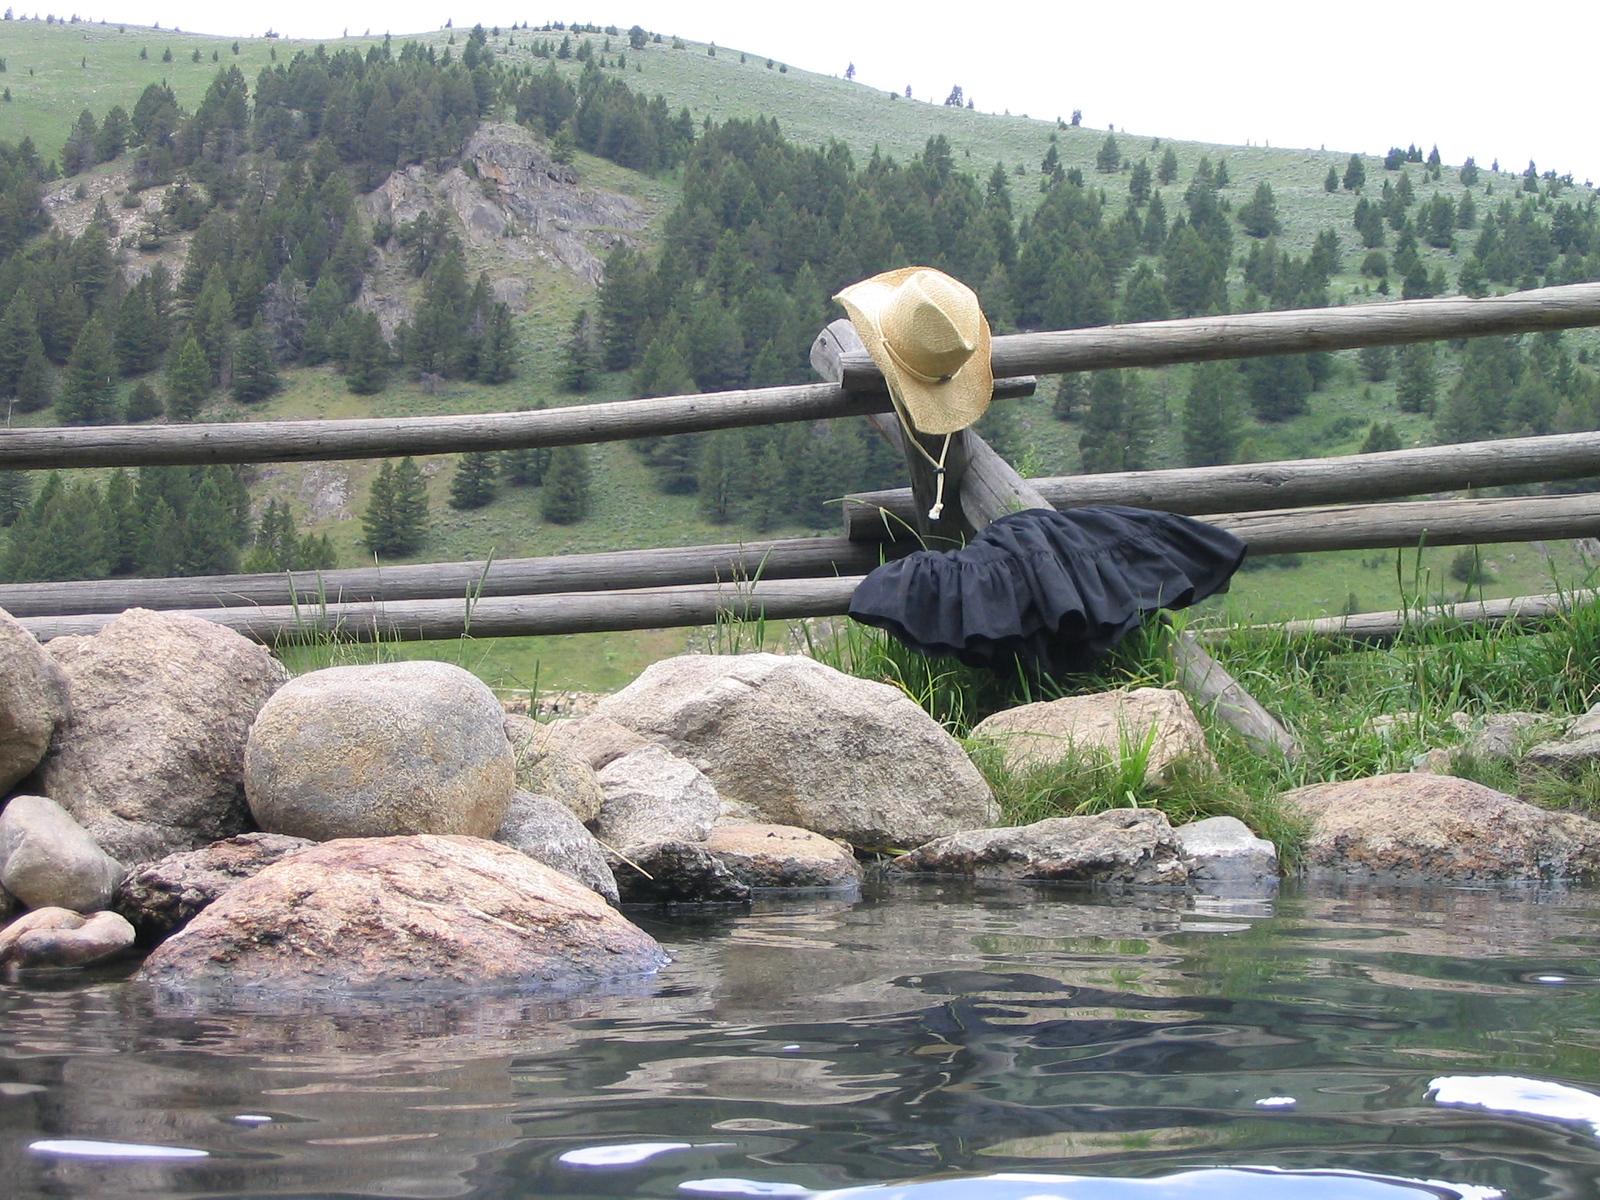 Skert in for a dip. Potosi hot springs.